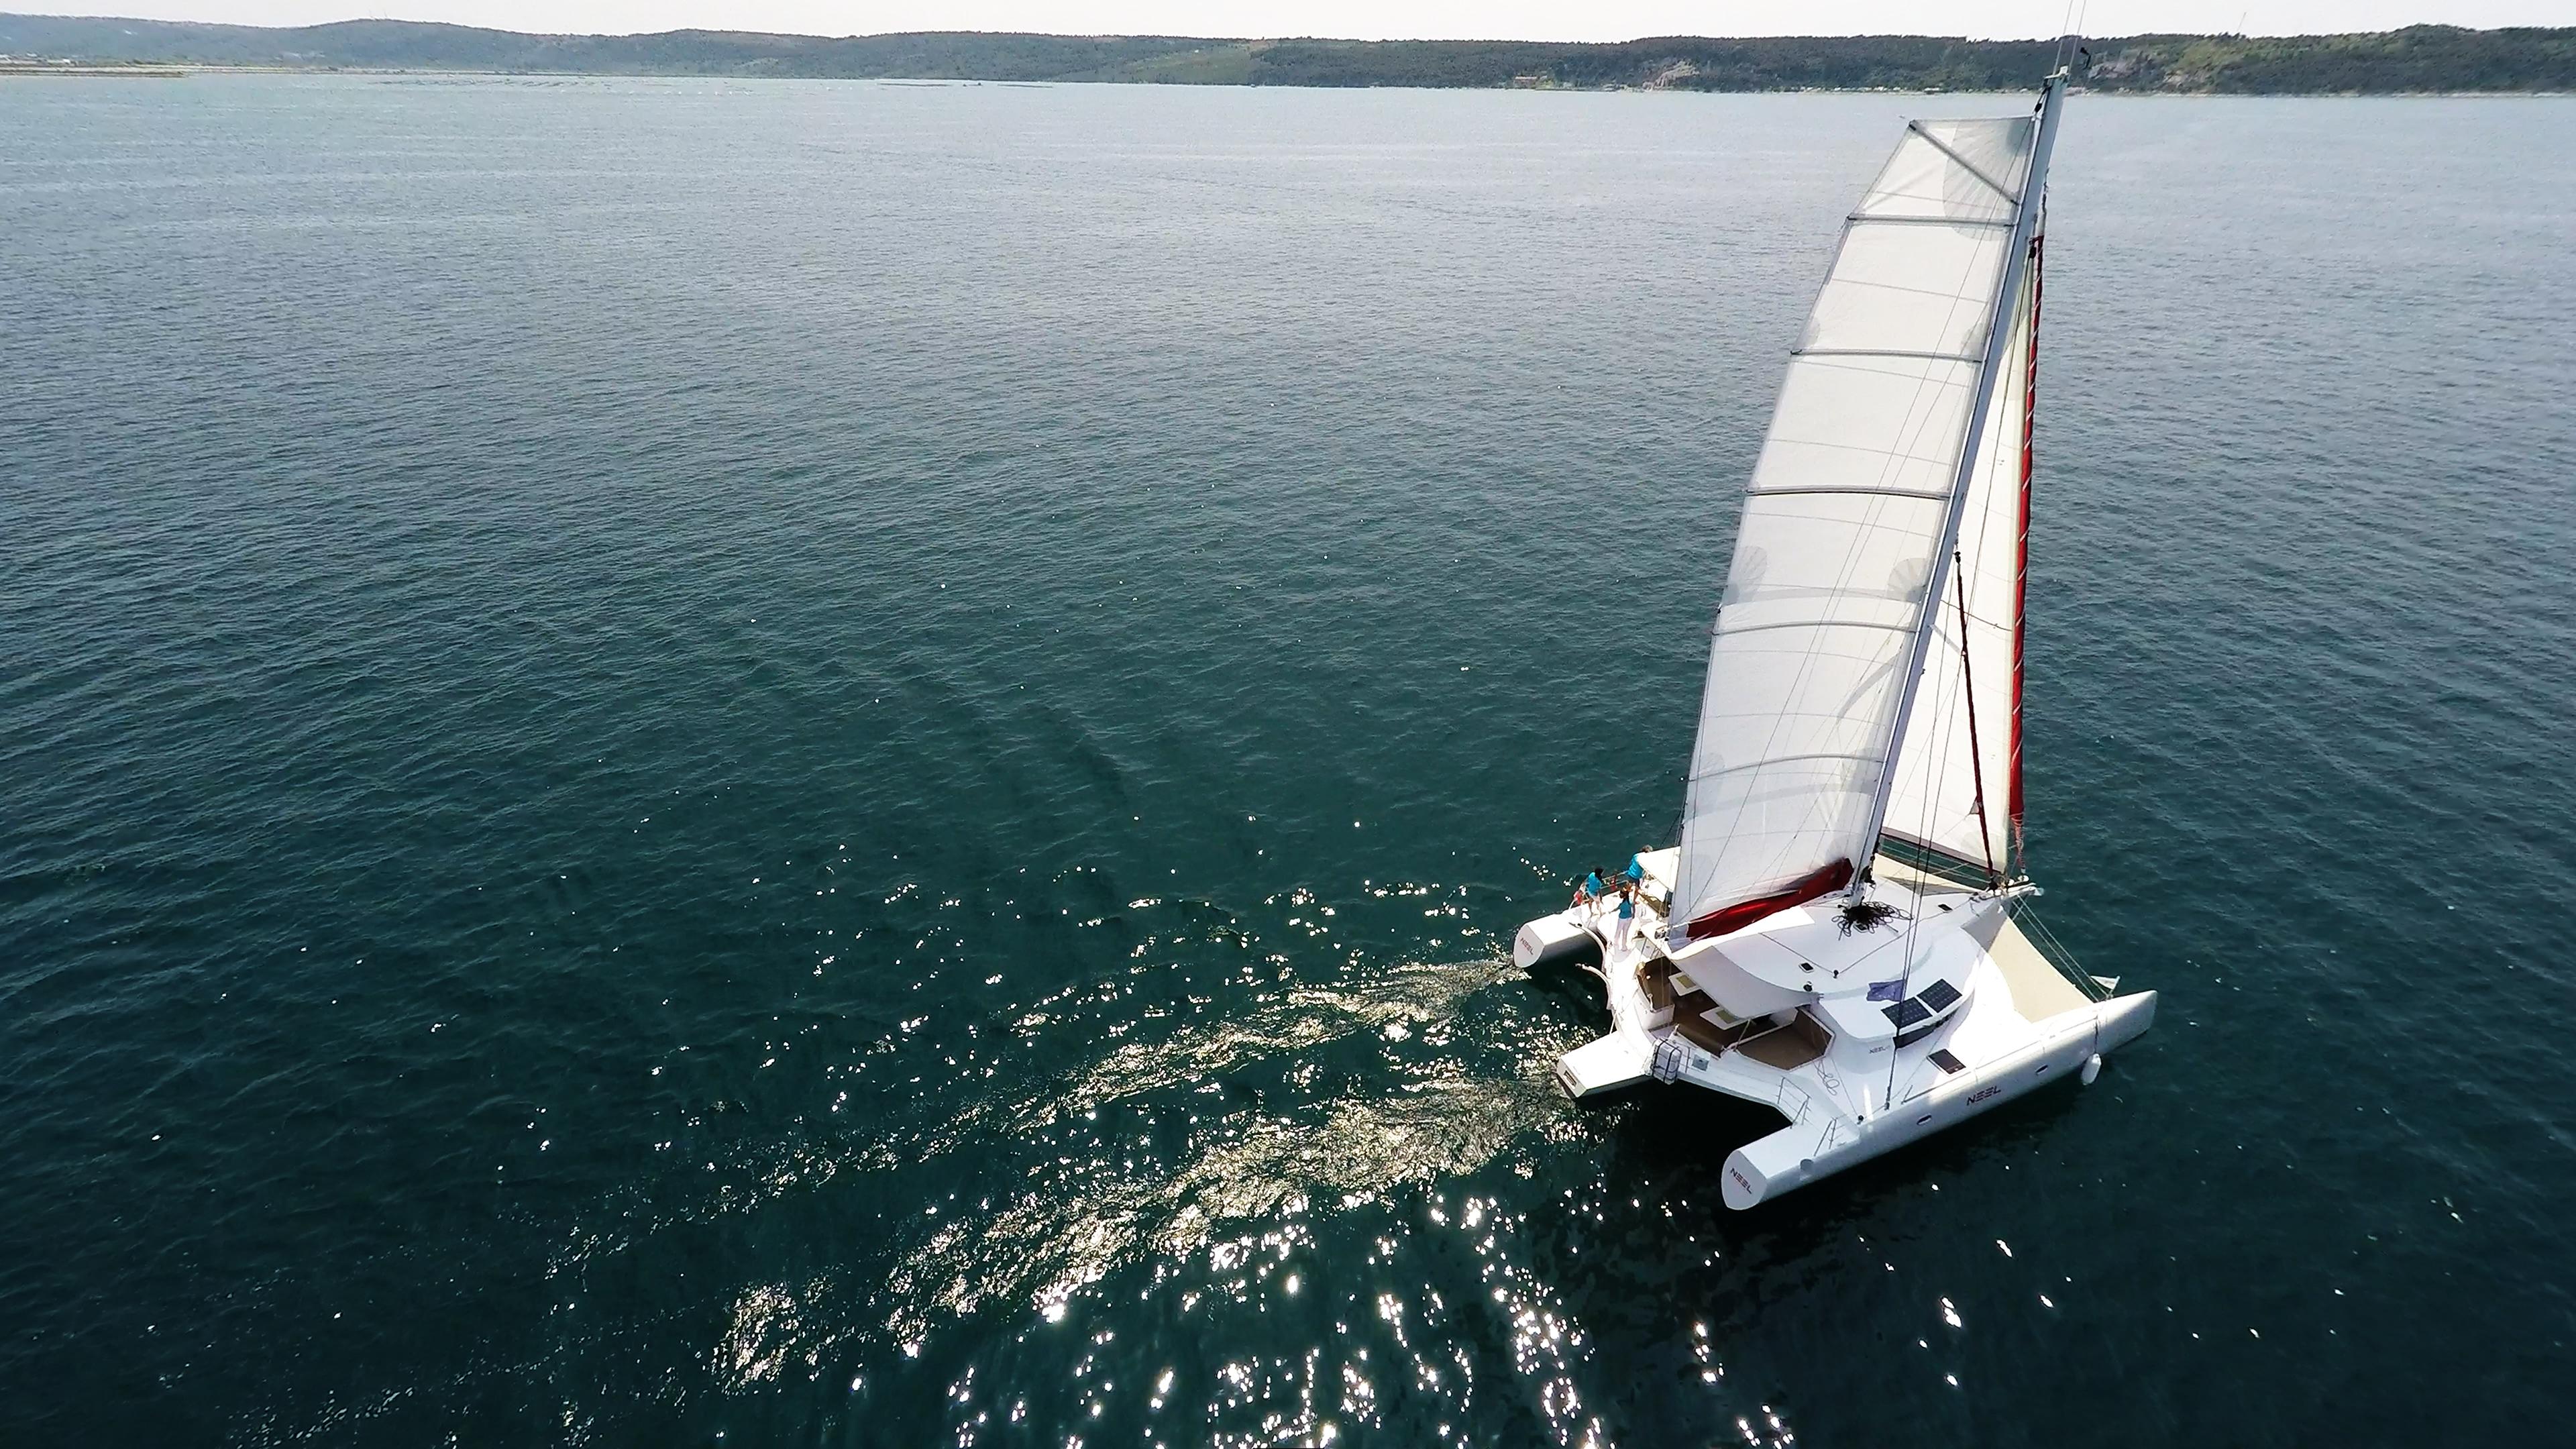 blu mare bianco vela di trimarano  a noleggio